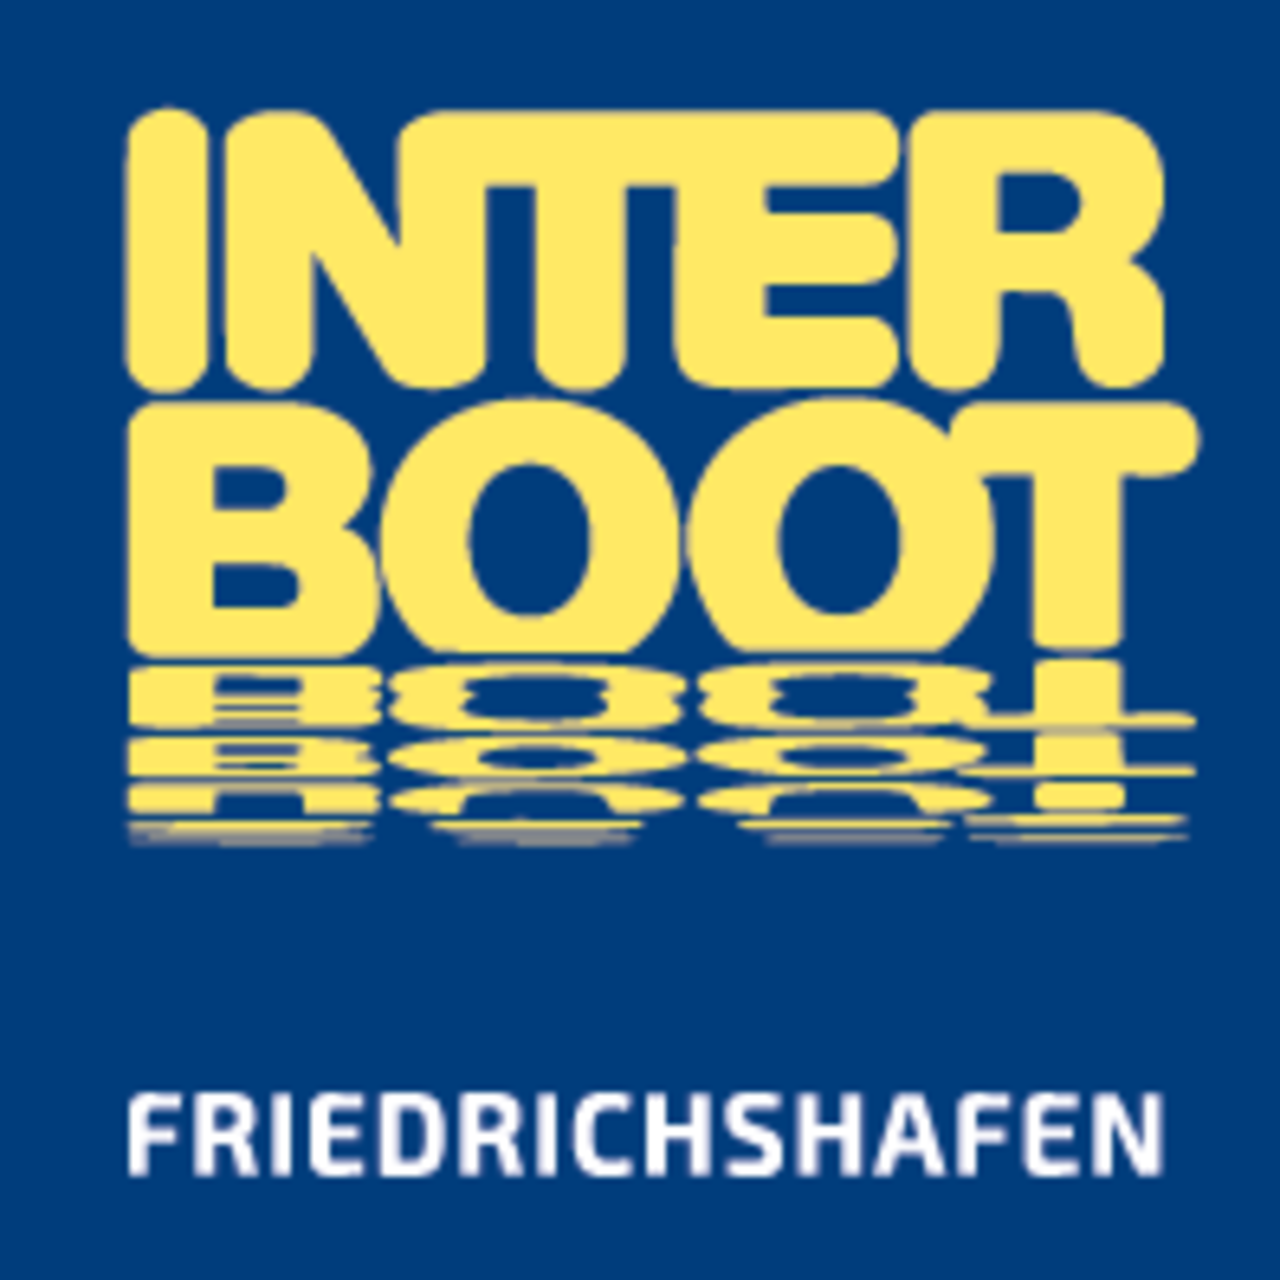 Interboot Friedrichshafen | Germany